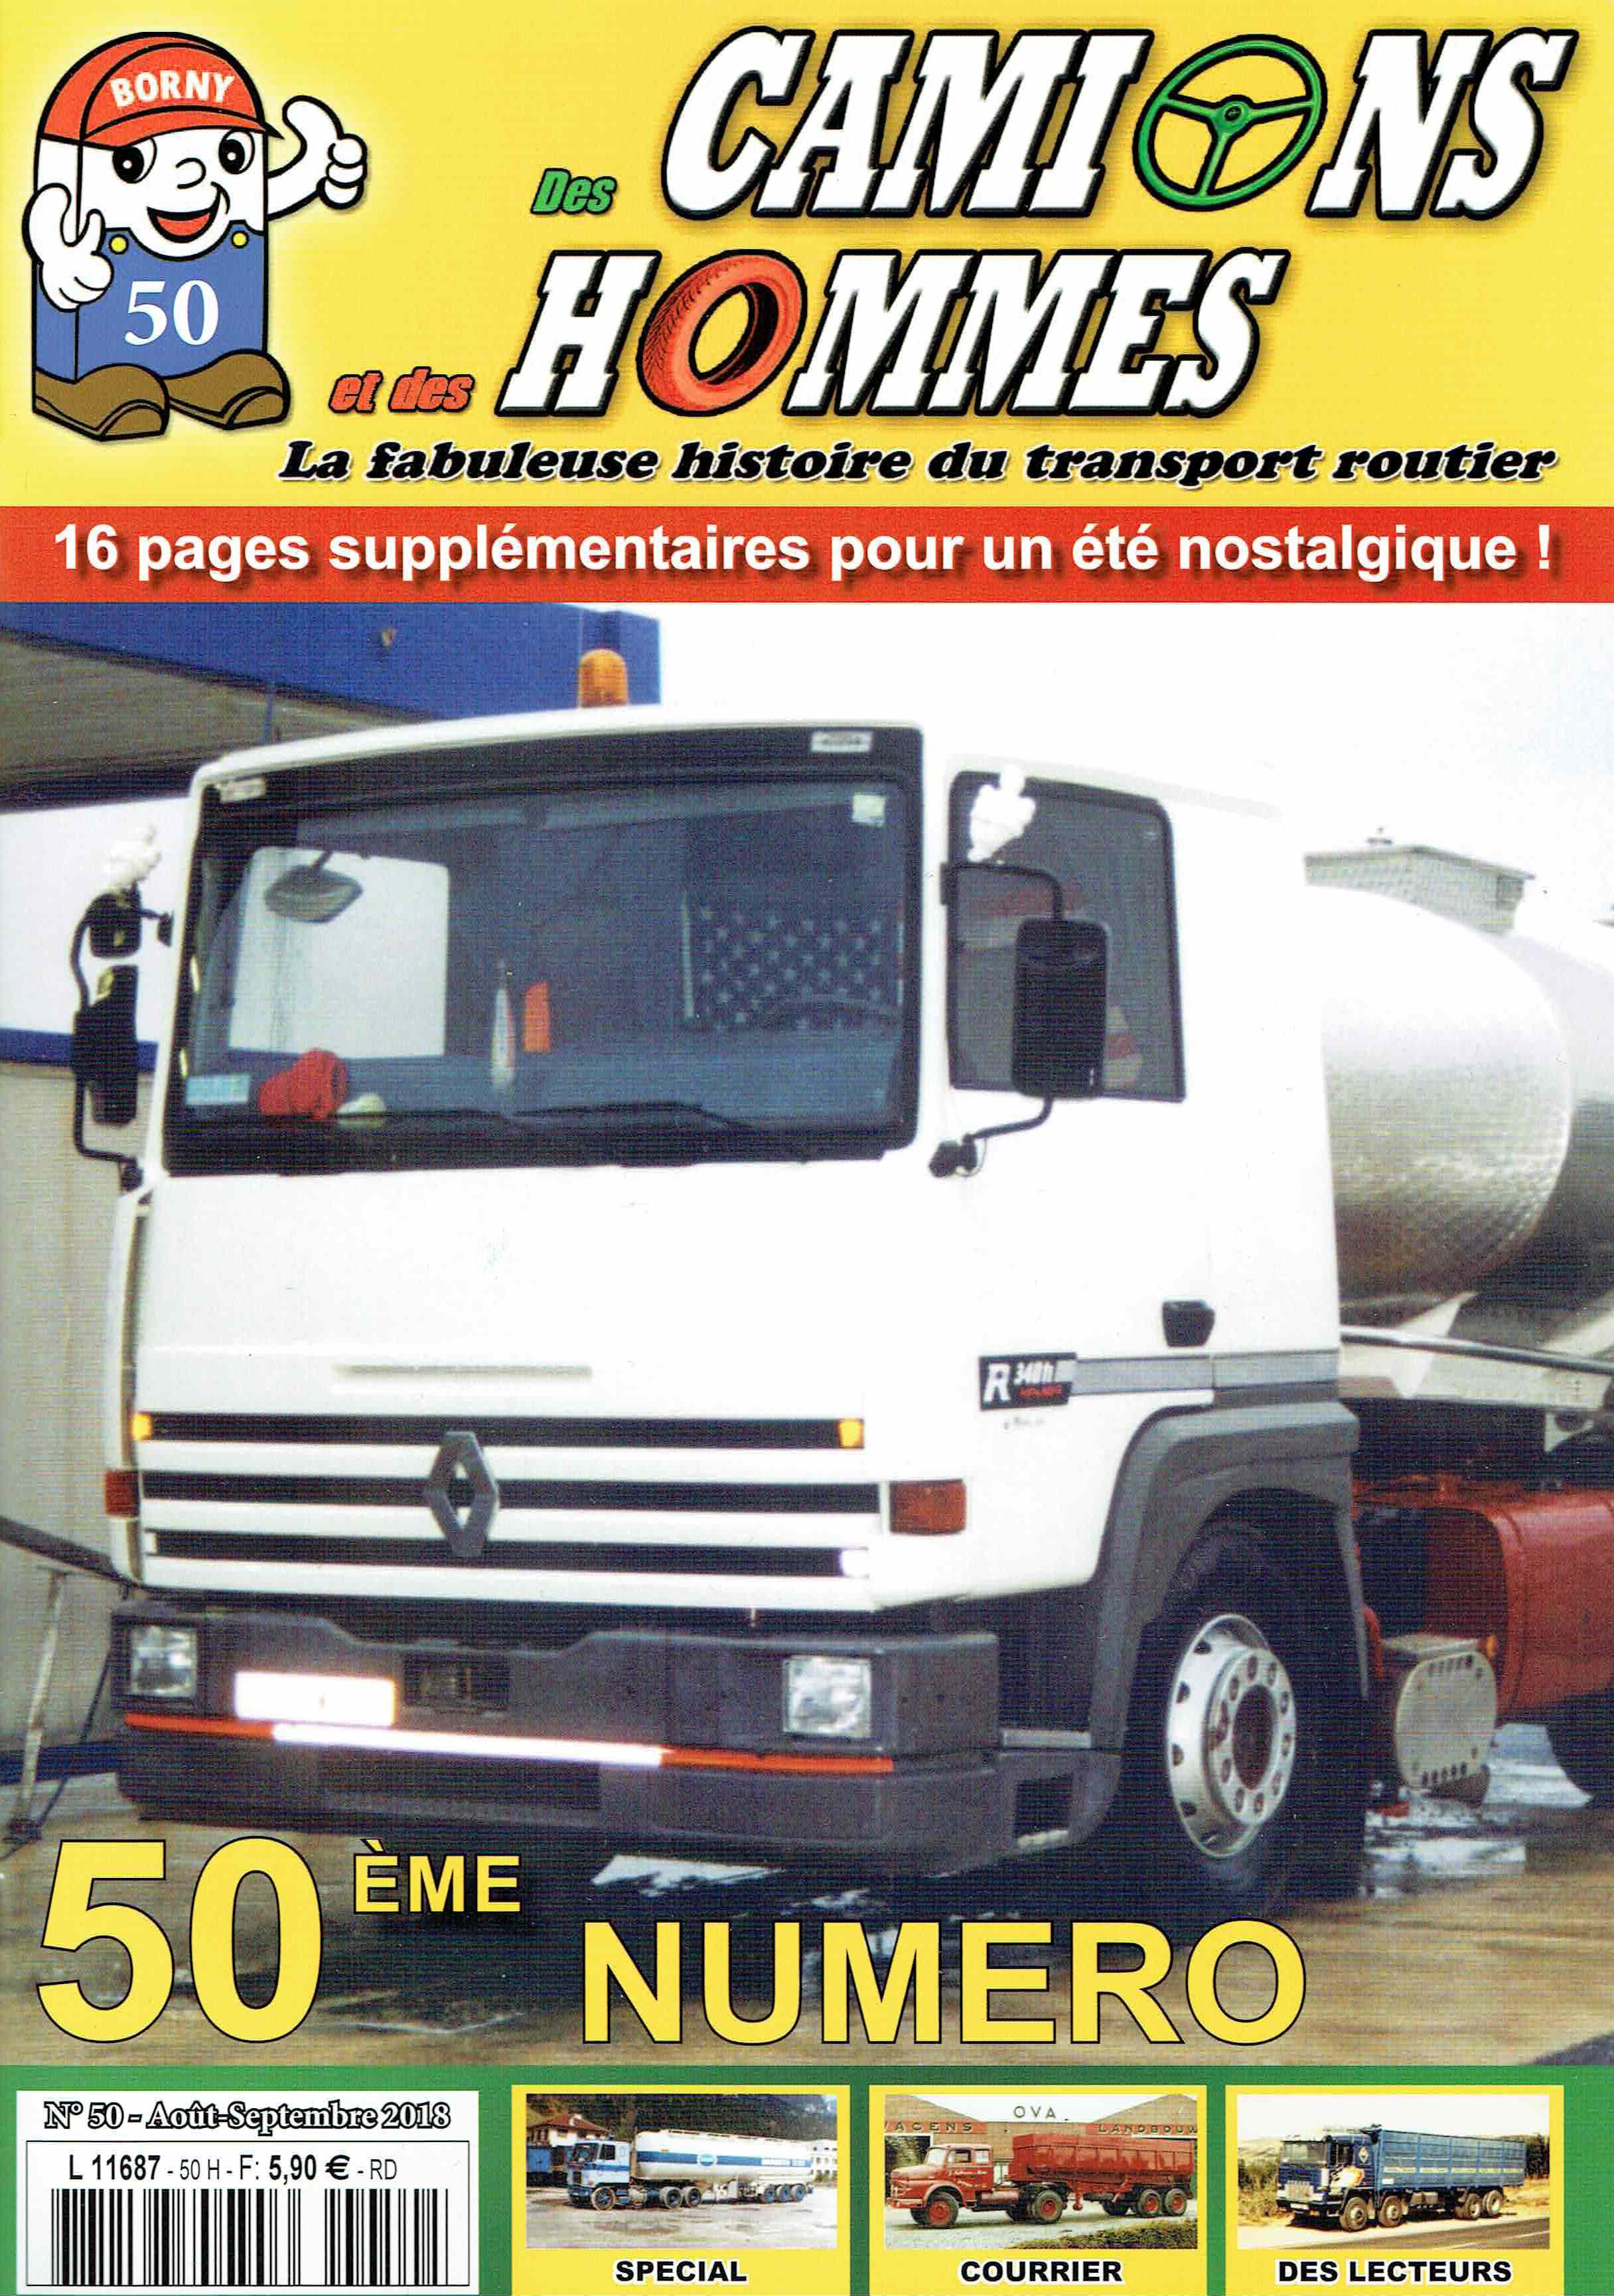 Magazine N°50 Des Camions et des Hommes (Etranger)